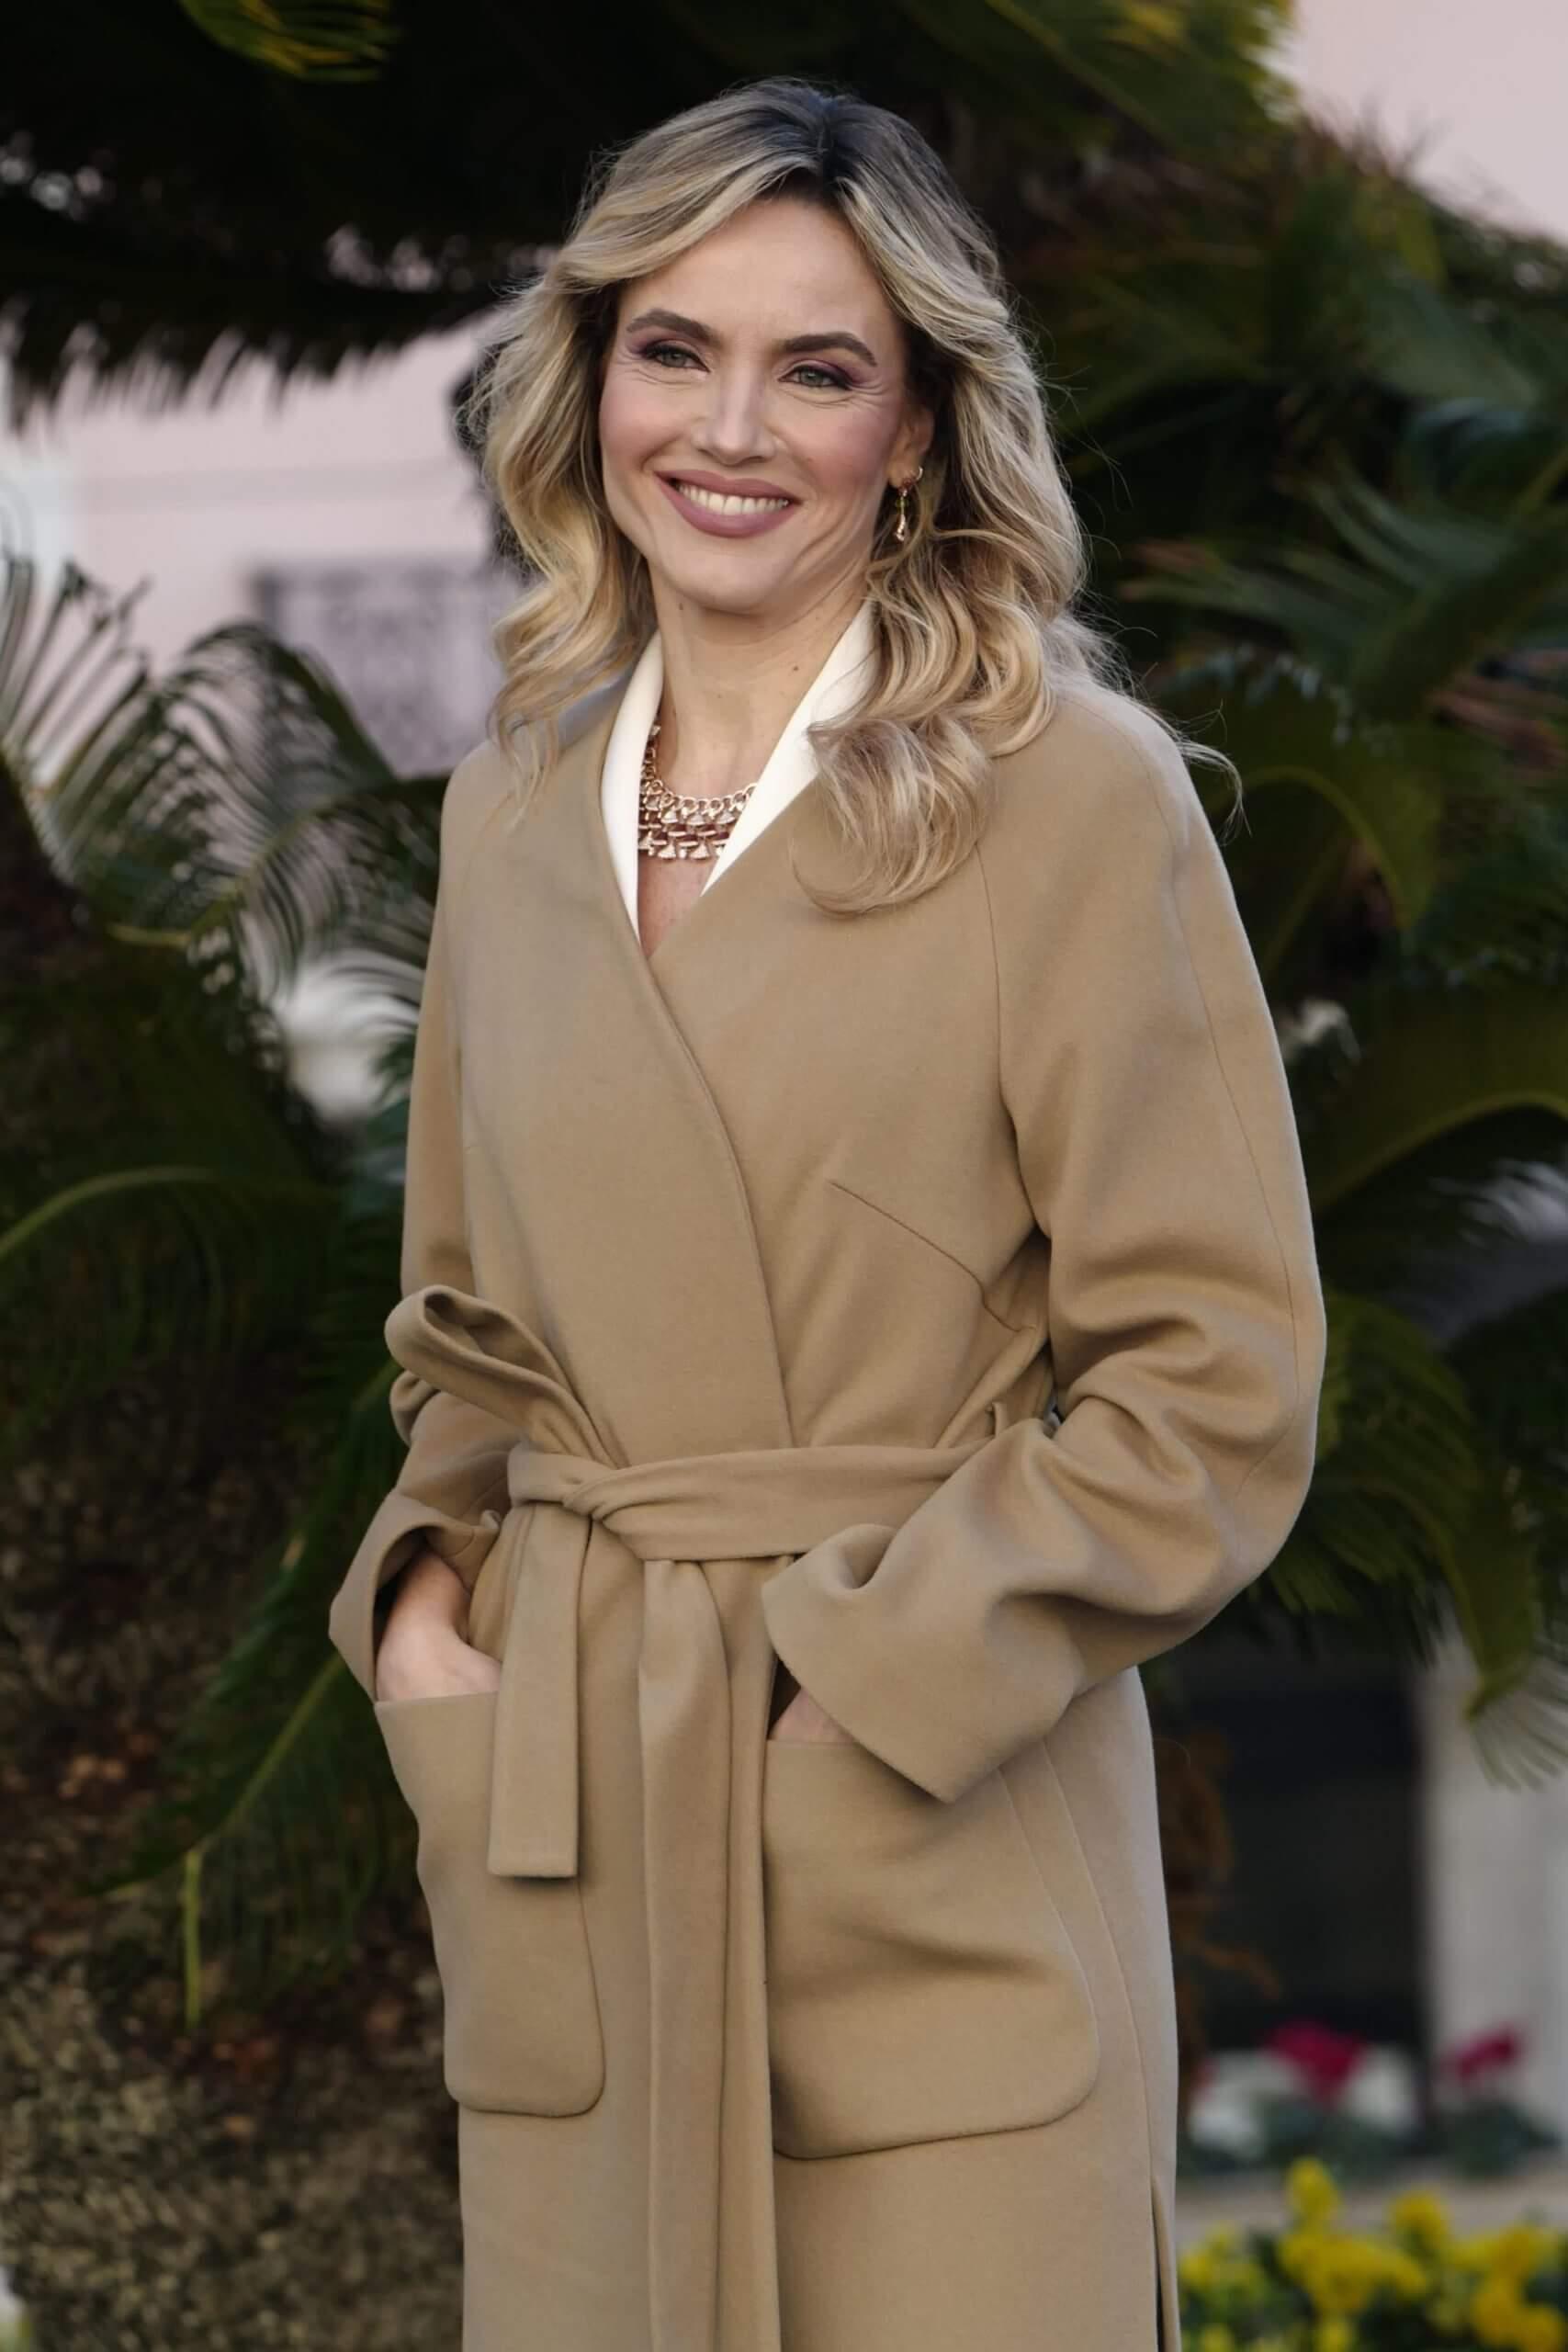 Римлянка Лаура Кименти, журналист, популярная телеведущая